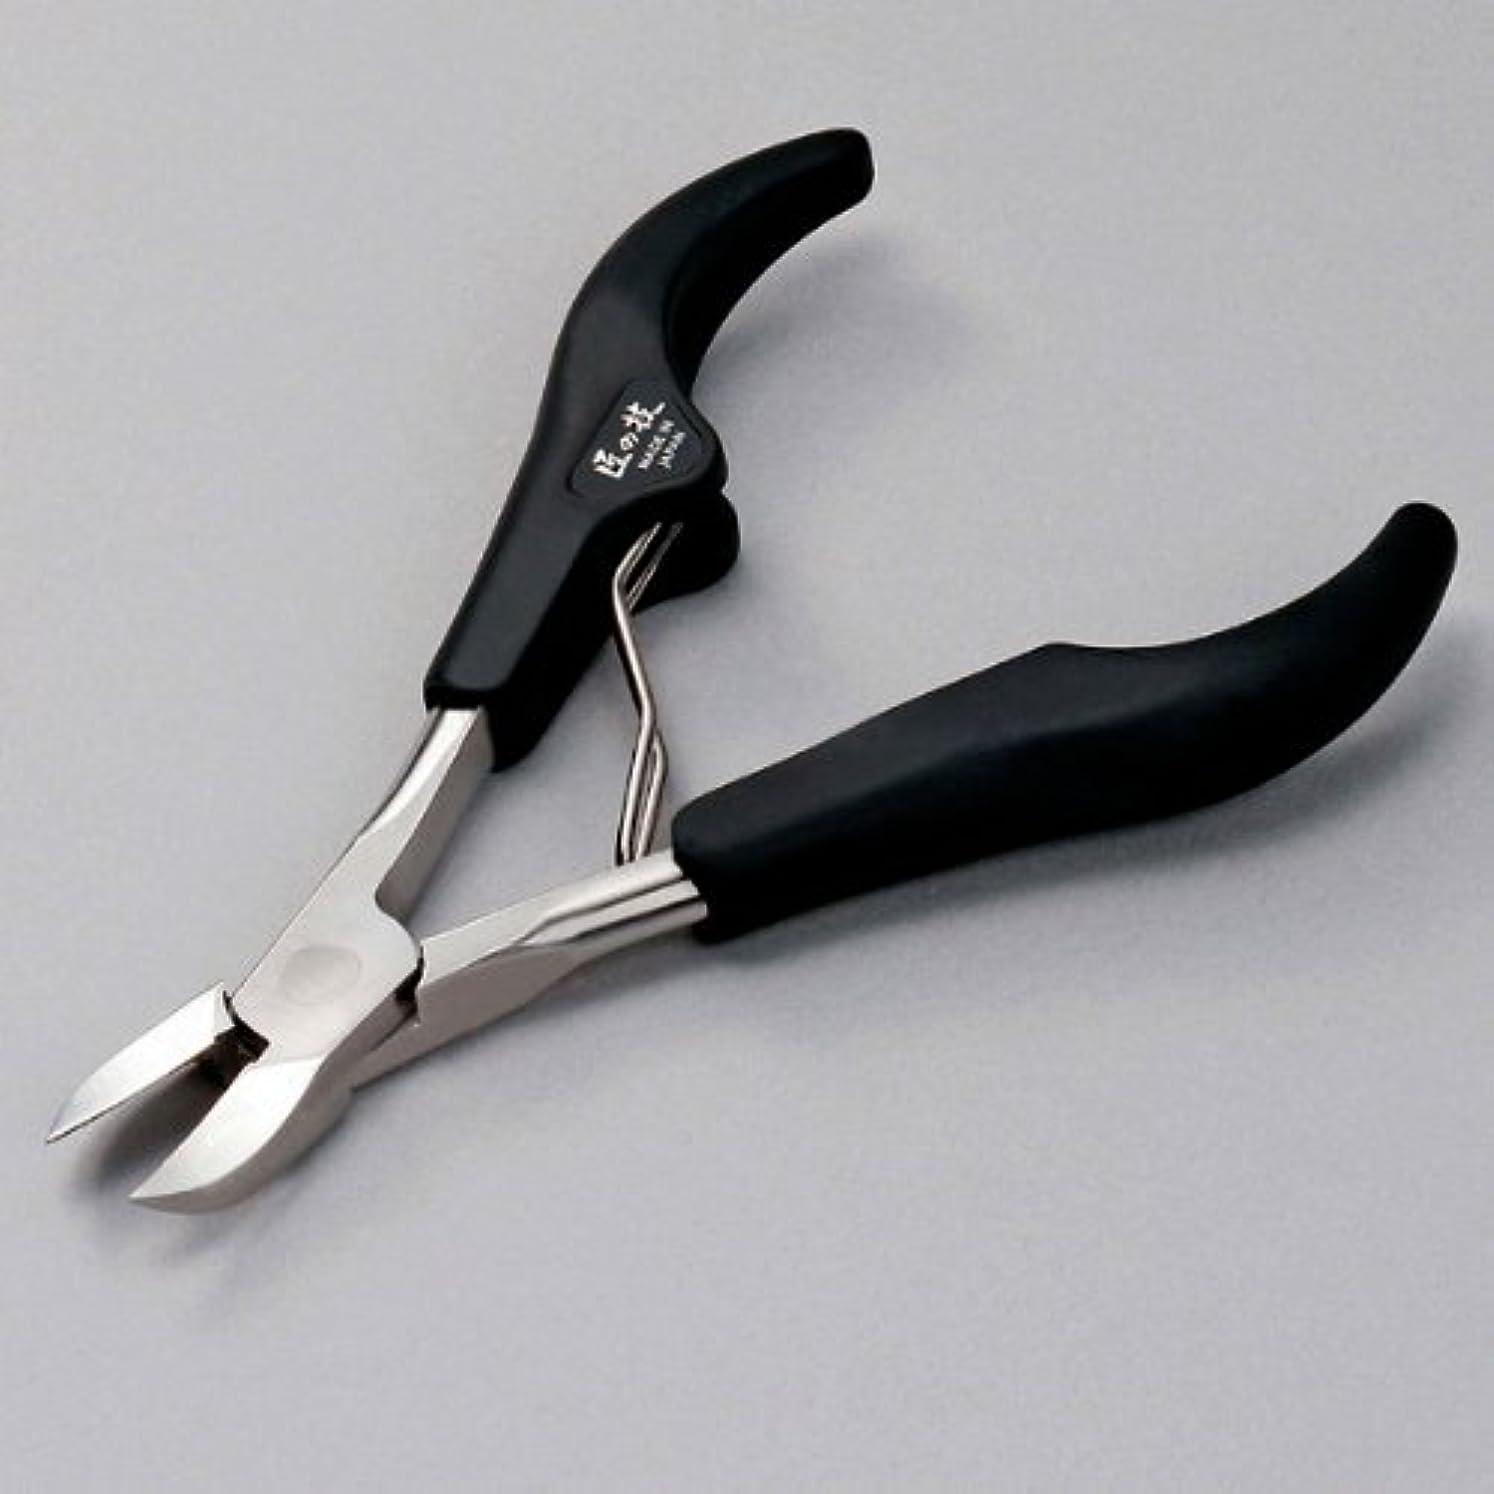 すぐに自治的青【日本製】匠の技 クラシック型ニッパー爪切り